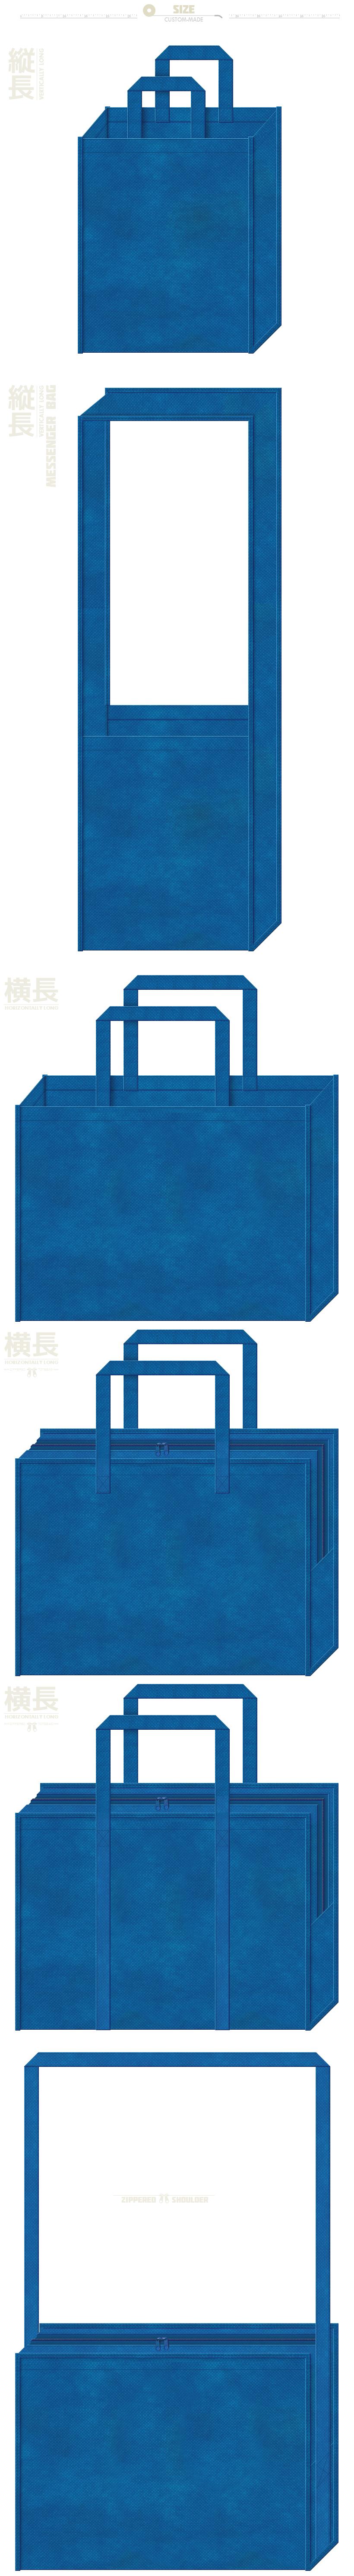 青色の不織布バッグにお奨め:ロボット・人工知能・水素自動車・LED照明・電子部品の展示会用バッグ